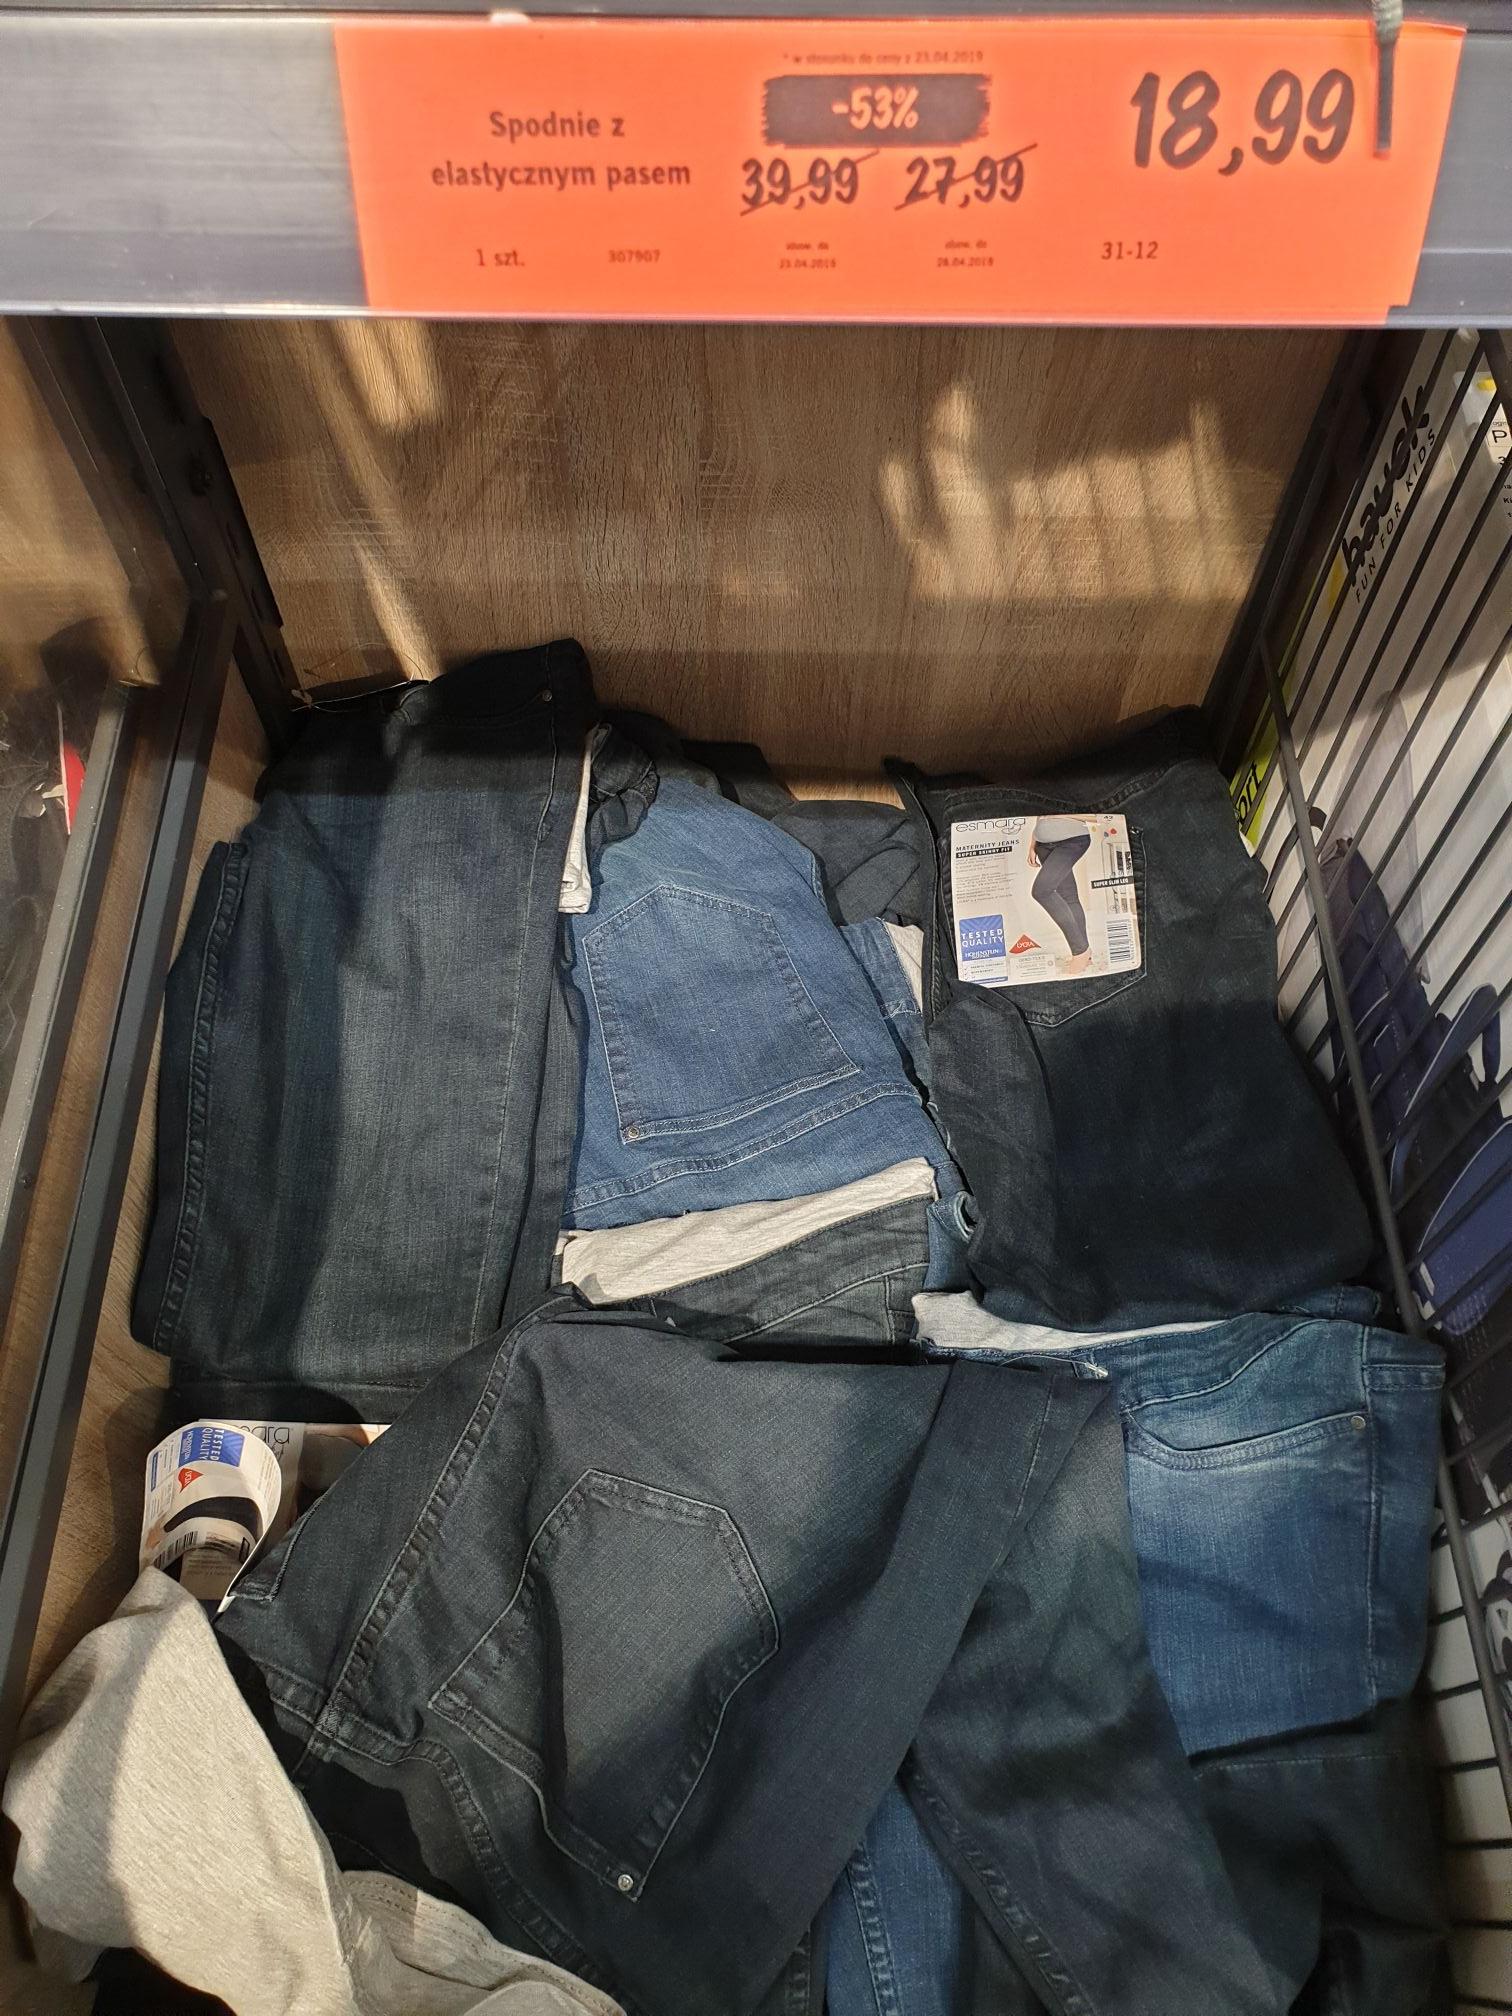 LIDL Spodnie ciążowe jeans Wrocław Parafialna